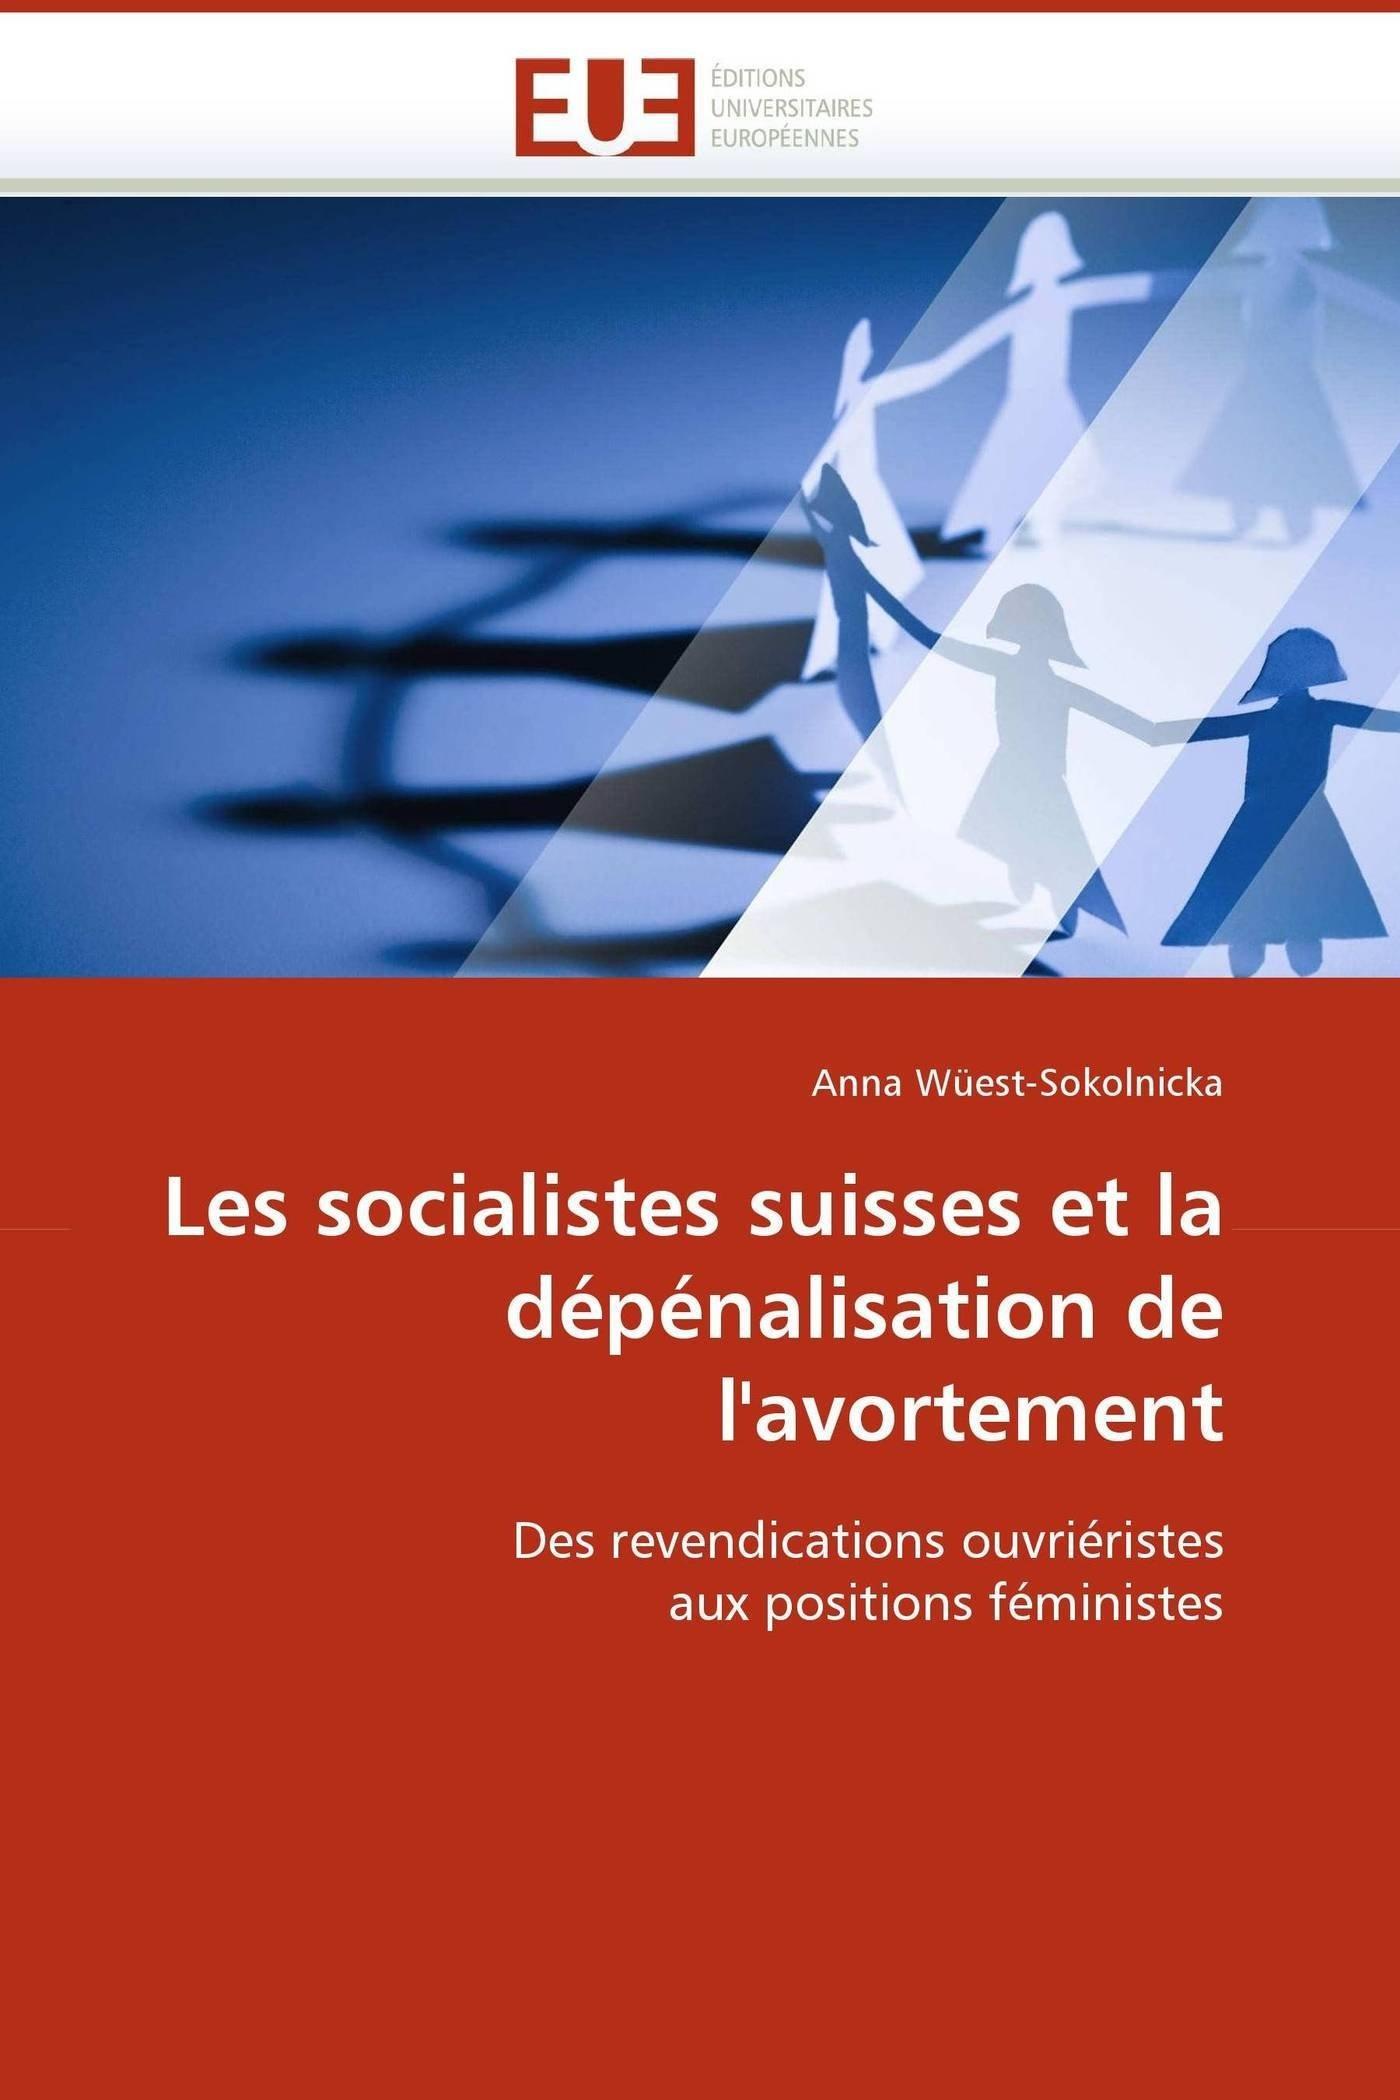 Download Les socialistes suisses et la dépénalisation de l''avortement: Des revendications ouvriéristes aux positions féministes (Omn.Univ.Europ.) (French Edition) pdf epub